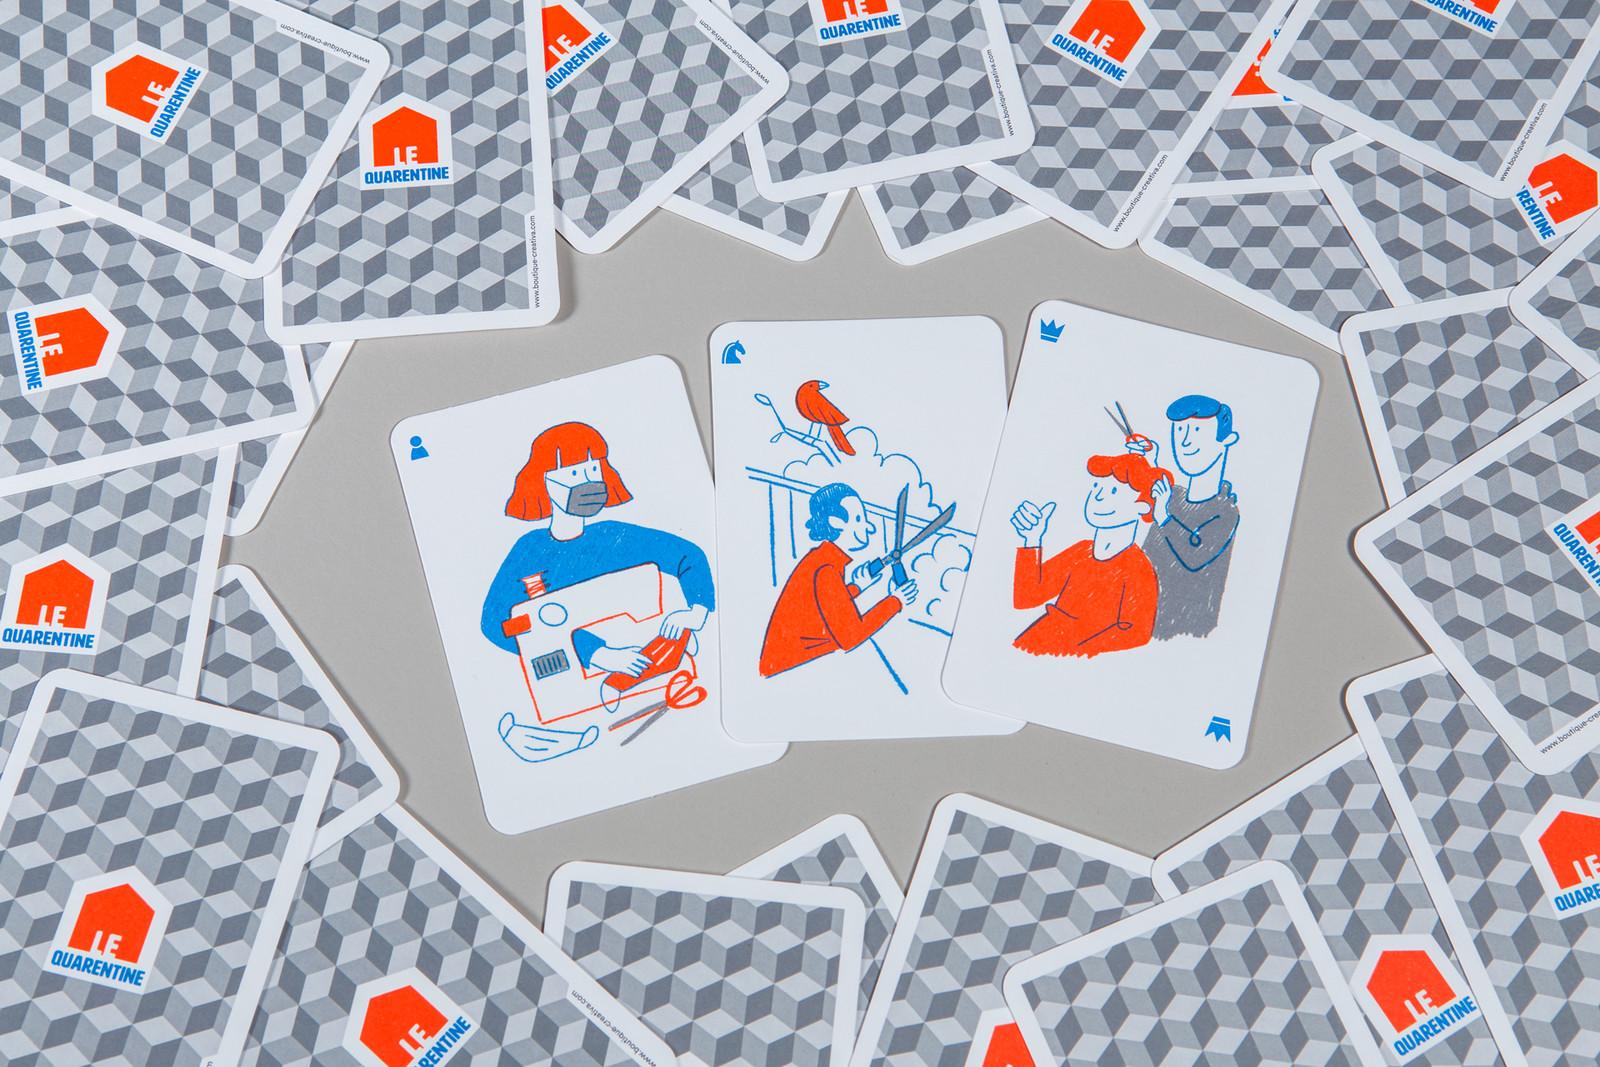 LeQuarentine BoutiqueCreativa illustration2